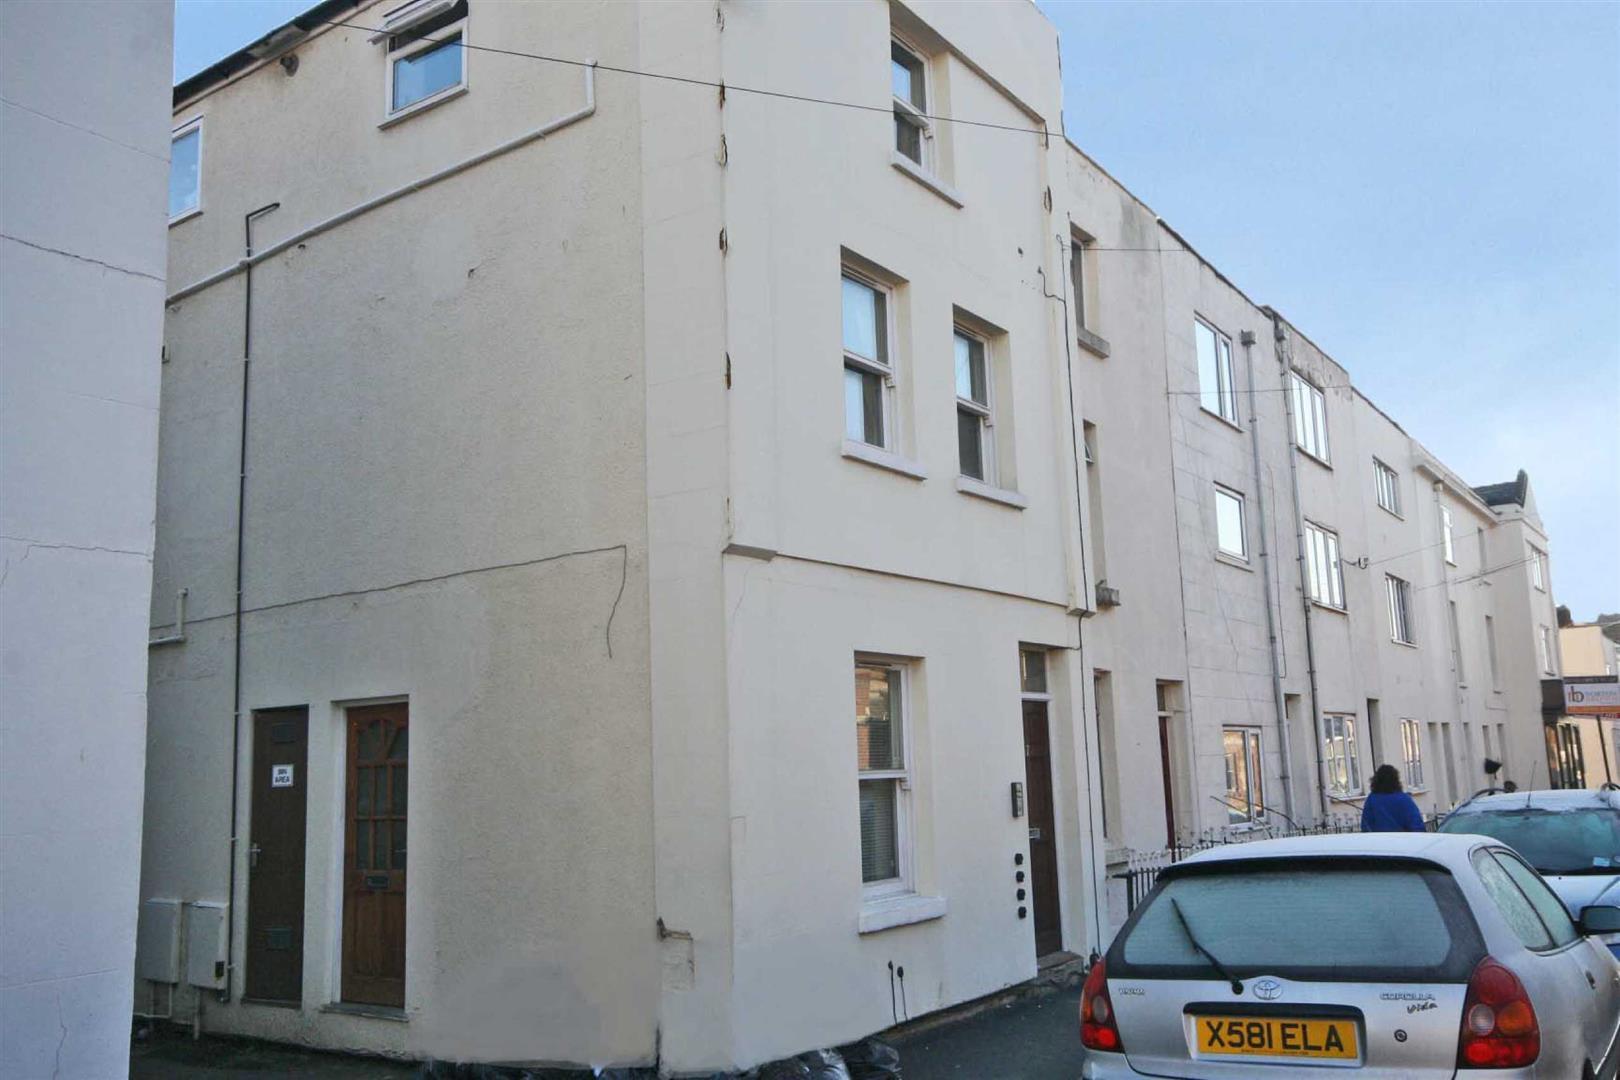 Oxford Street, Leamington Spa, CV32